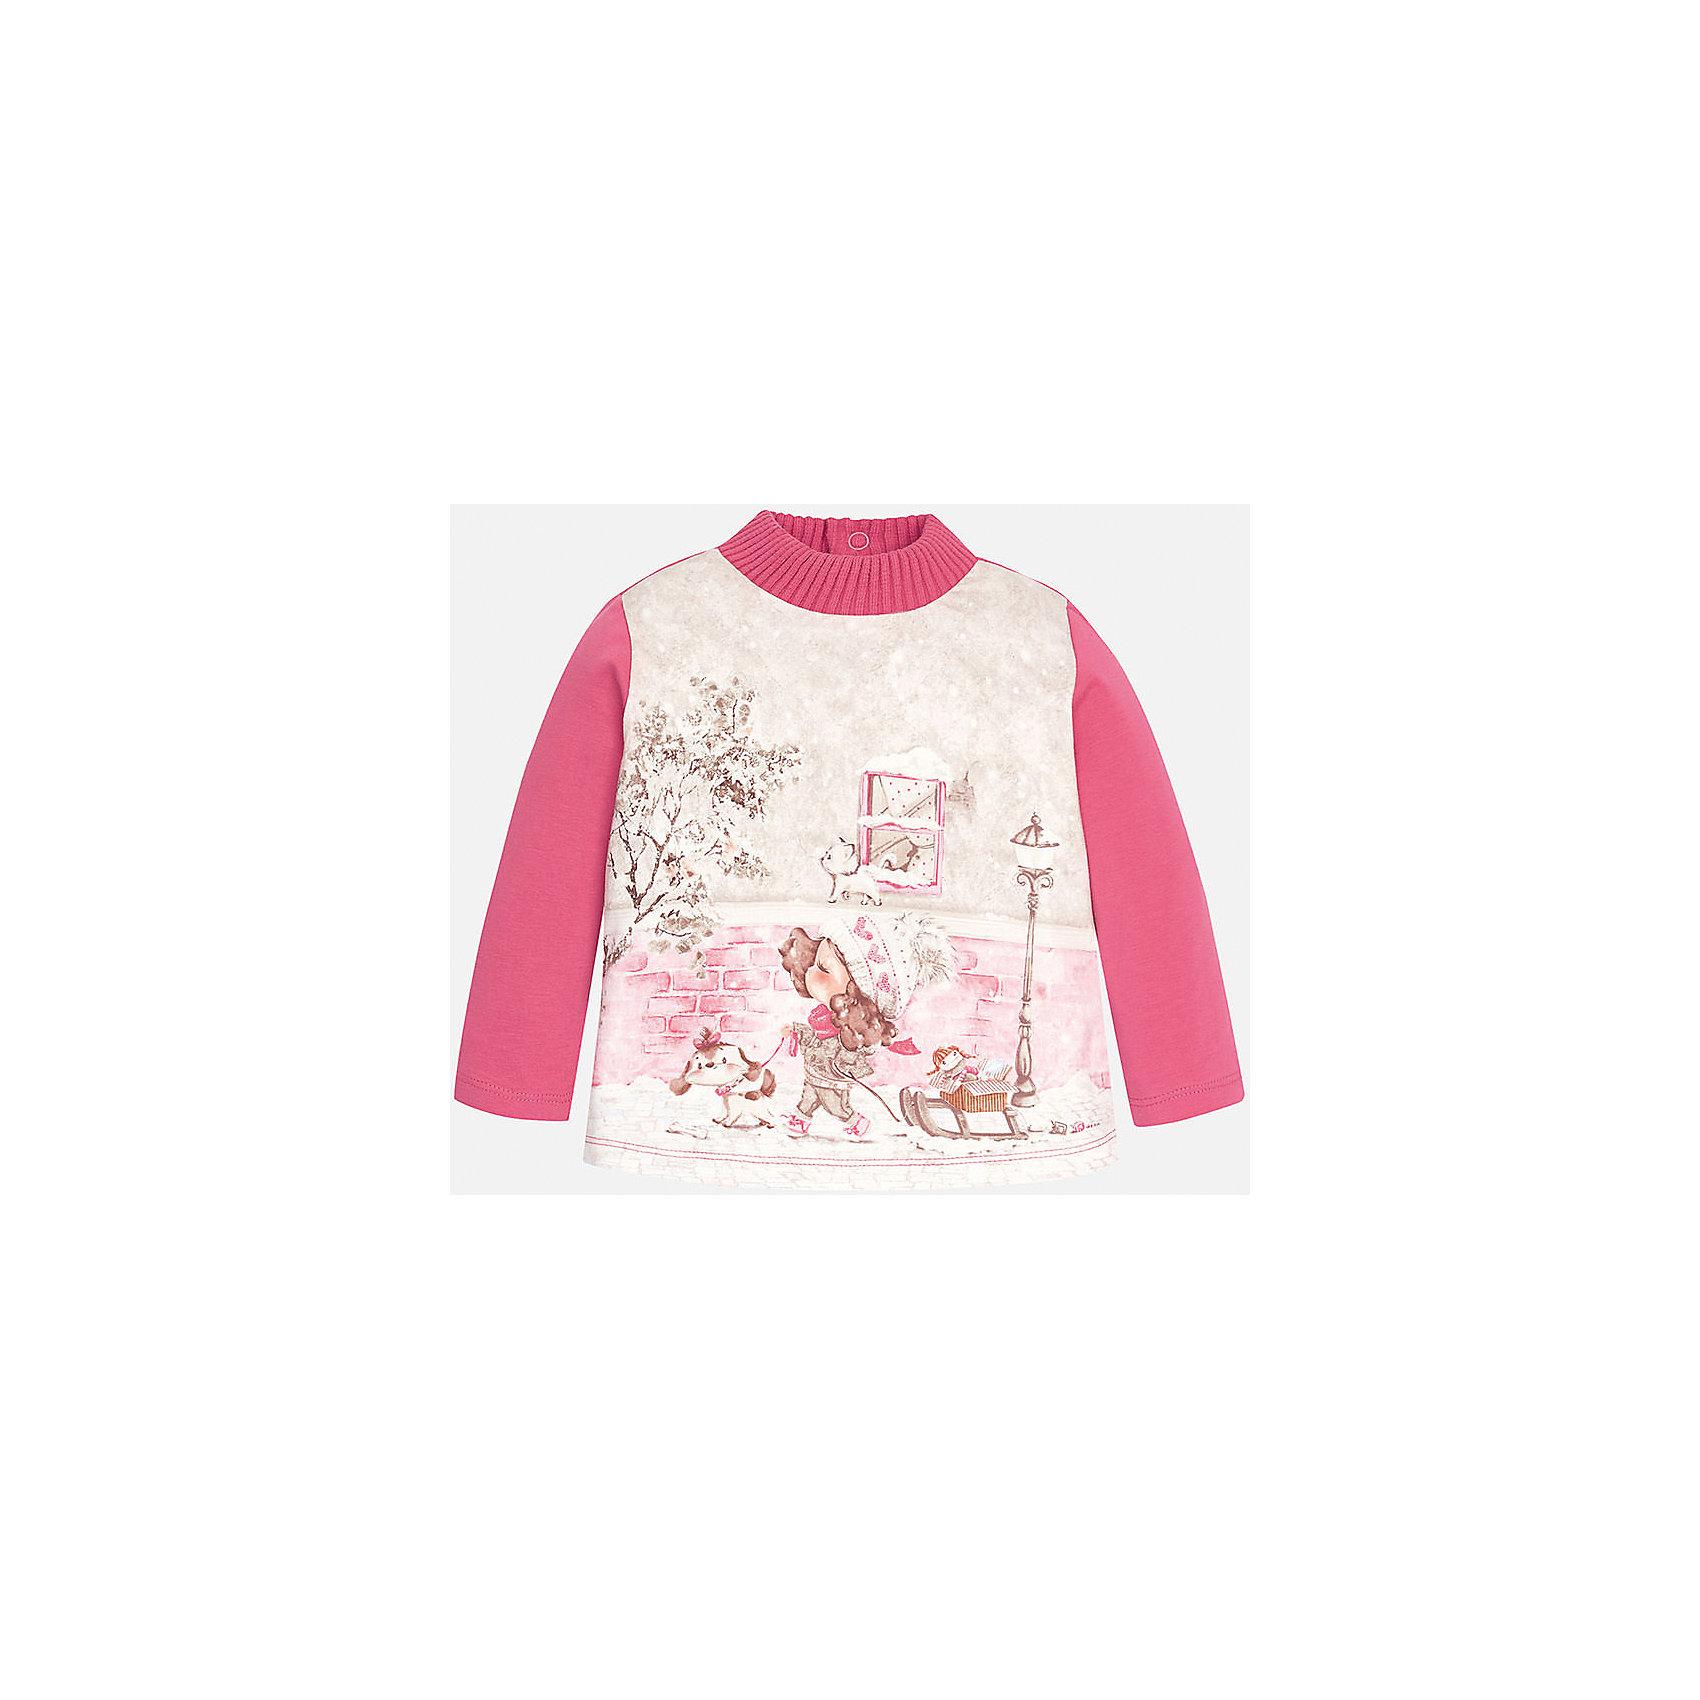 Футболка для девочки MayoralФутболка для девочки от известного испанского бренда Mayoral (Майорал). Эта модная и удобная футболка с длинным рукавом сочетает в себе стиль и простоту. Приятный розовый цвет и зимний фото-принт с девочкой придут по вкусу вашей моднице. У футболки свободный крой, слегка расширяющийся к низу. Утепленная горловина защитит от холода. Футболка застегивается сзади на три кнопочки. Отличное пополнение для сезона осень-зима. К этой футболке подойдут как классические юбки и брюки, так и джинсы или штаны спортивного кроя. <br><br>Дополнительная информация:<br><br>- Силуэт: расширяющийся к низу<br>- Рукав: укороченный<br>- Длина: средняя<br><br>Состав: 92% хлопок, 8% эластан<br><br>Футболку для девочки Mayoral (Майорал) можно купить в нашем интернет-магазине.<br><br>Подробнее:<br>• Для детей в возрасте: от 4 до 9 лет<br>• Номер товара: 4846009<br>Страна производитель: Индия<br><br>Ширина мм: 199<br>Глубина мм: 10<br>Высота мм: 161<br>Вес г: 151<br>Цвет: красный<br>Возраст от месяцев: 6<br>Возраст до месяцев: 9<br>Пол: Женский<br>Возраст: Детский<br>Размер: 74,80,86,92<br>SKU: 4846009